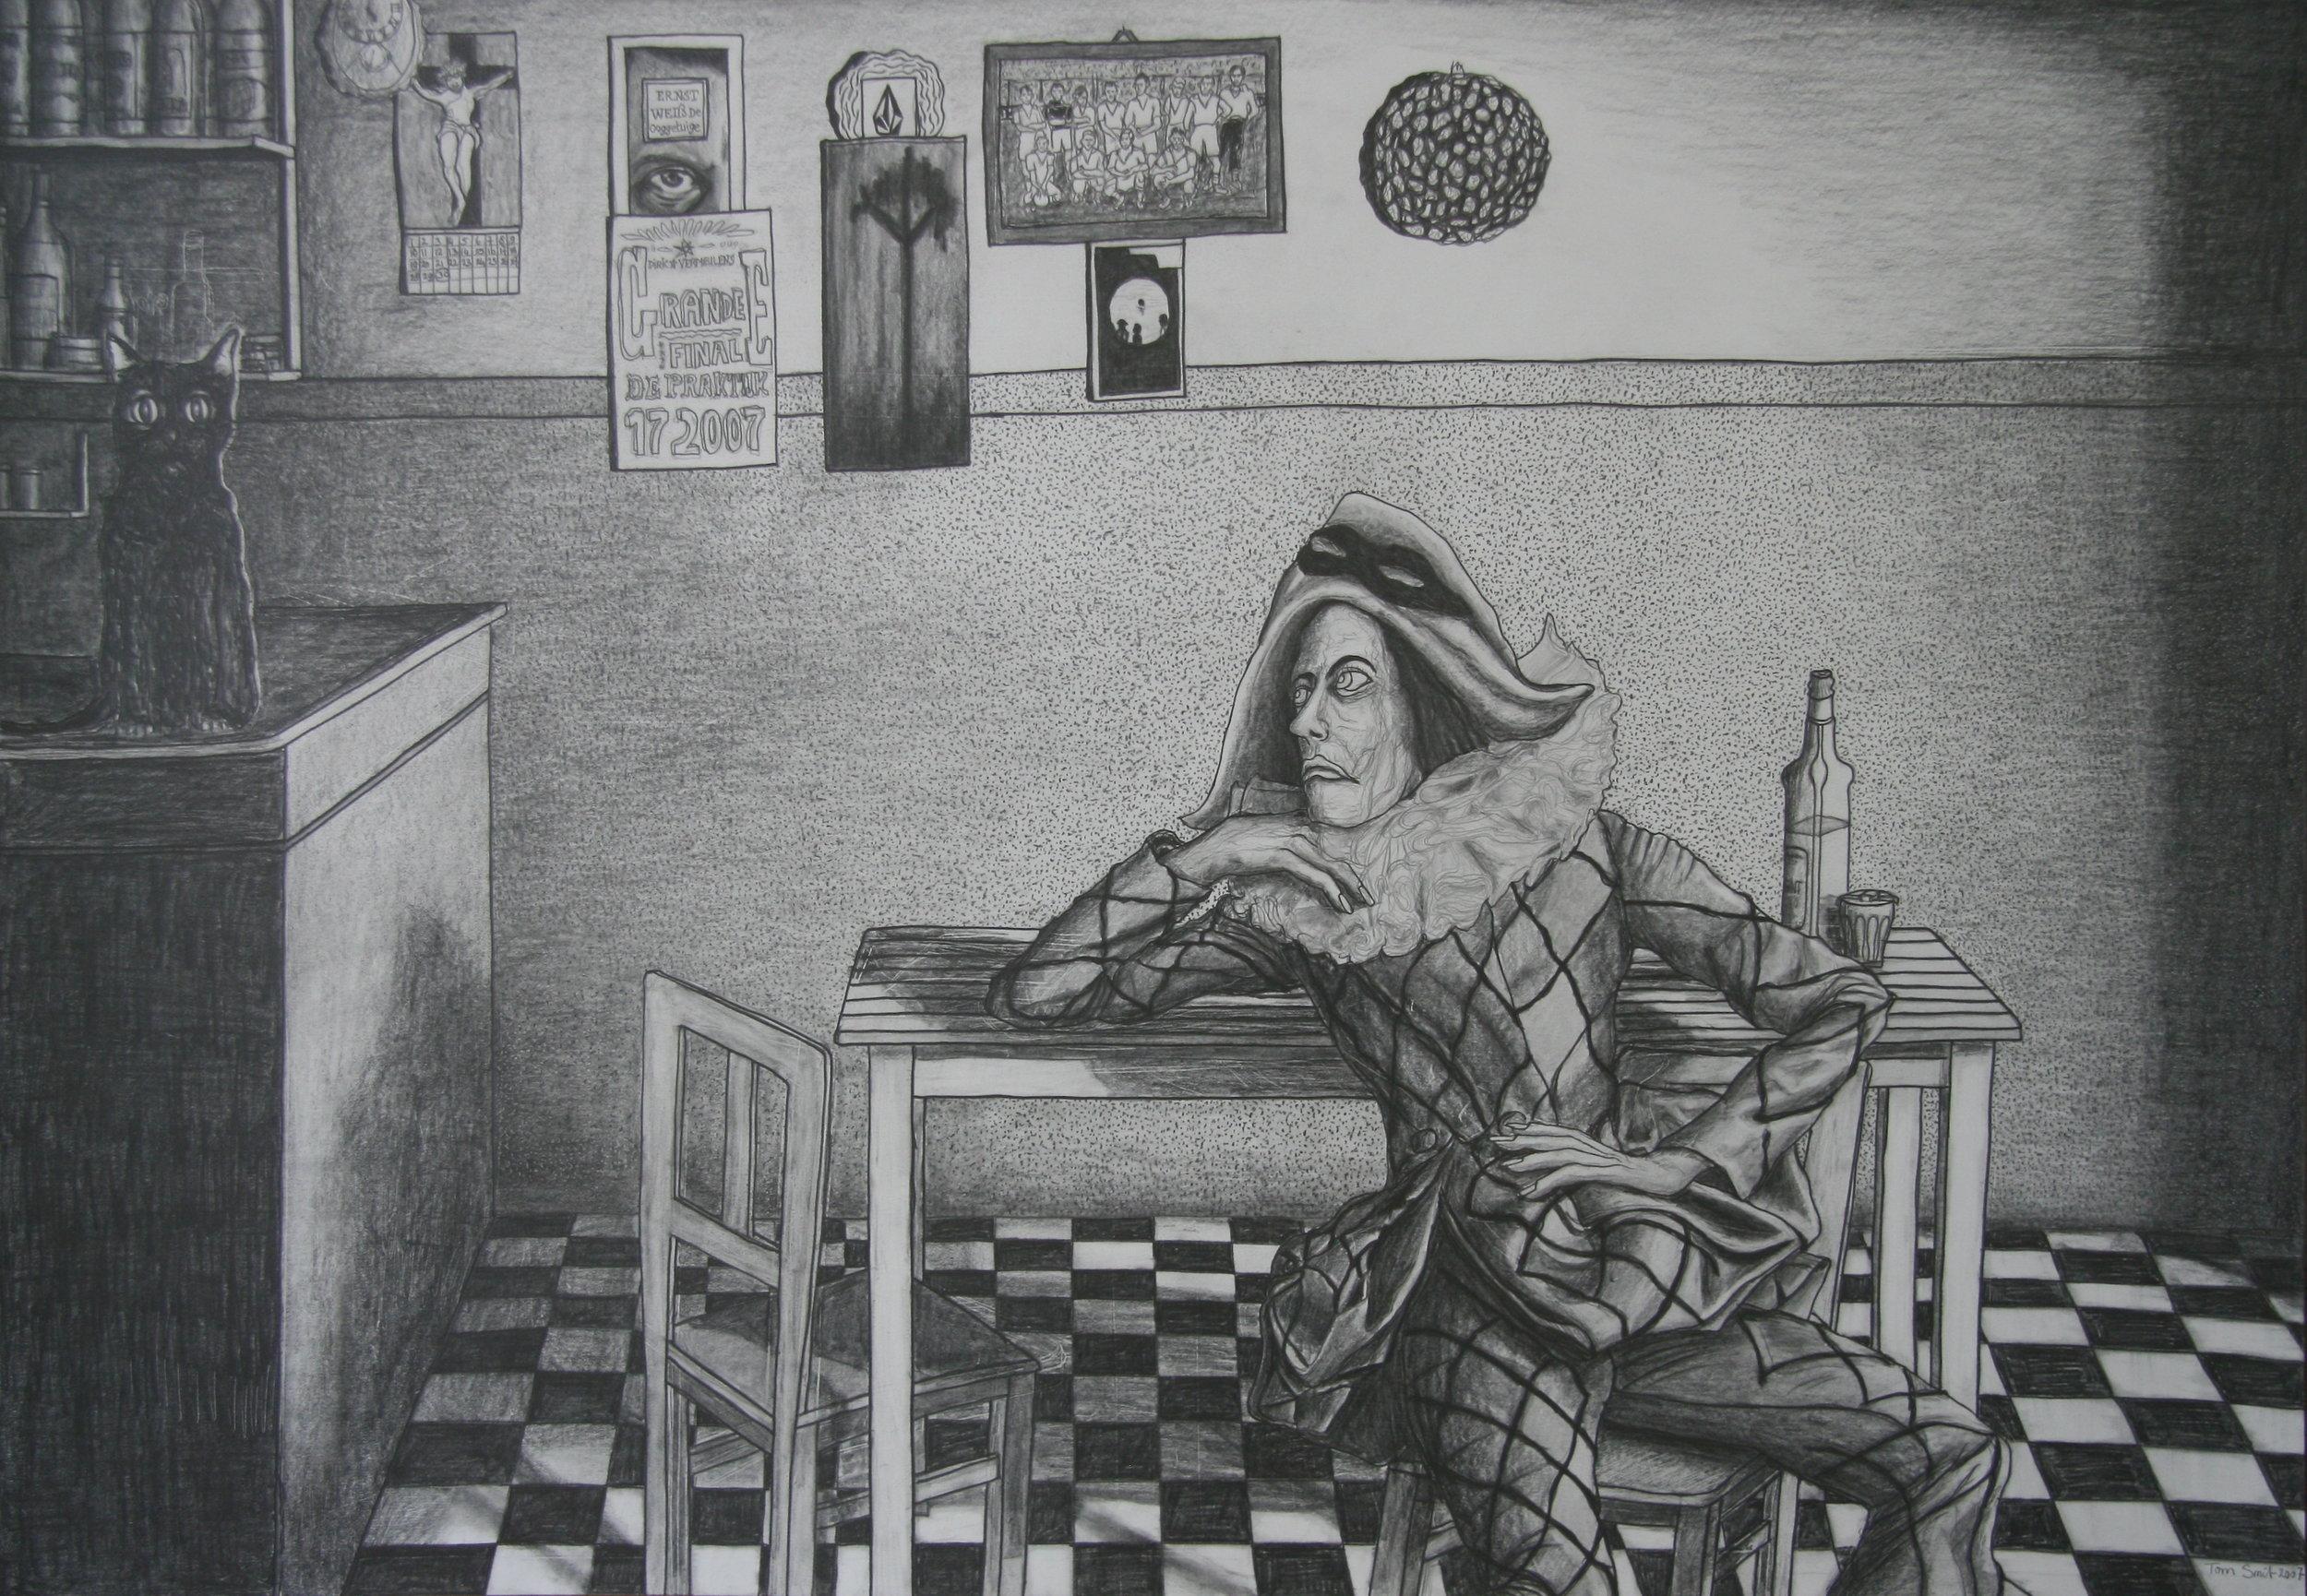 De Vale Kater, 170x100cm, pencil on paper